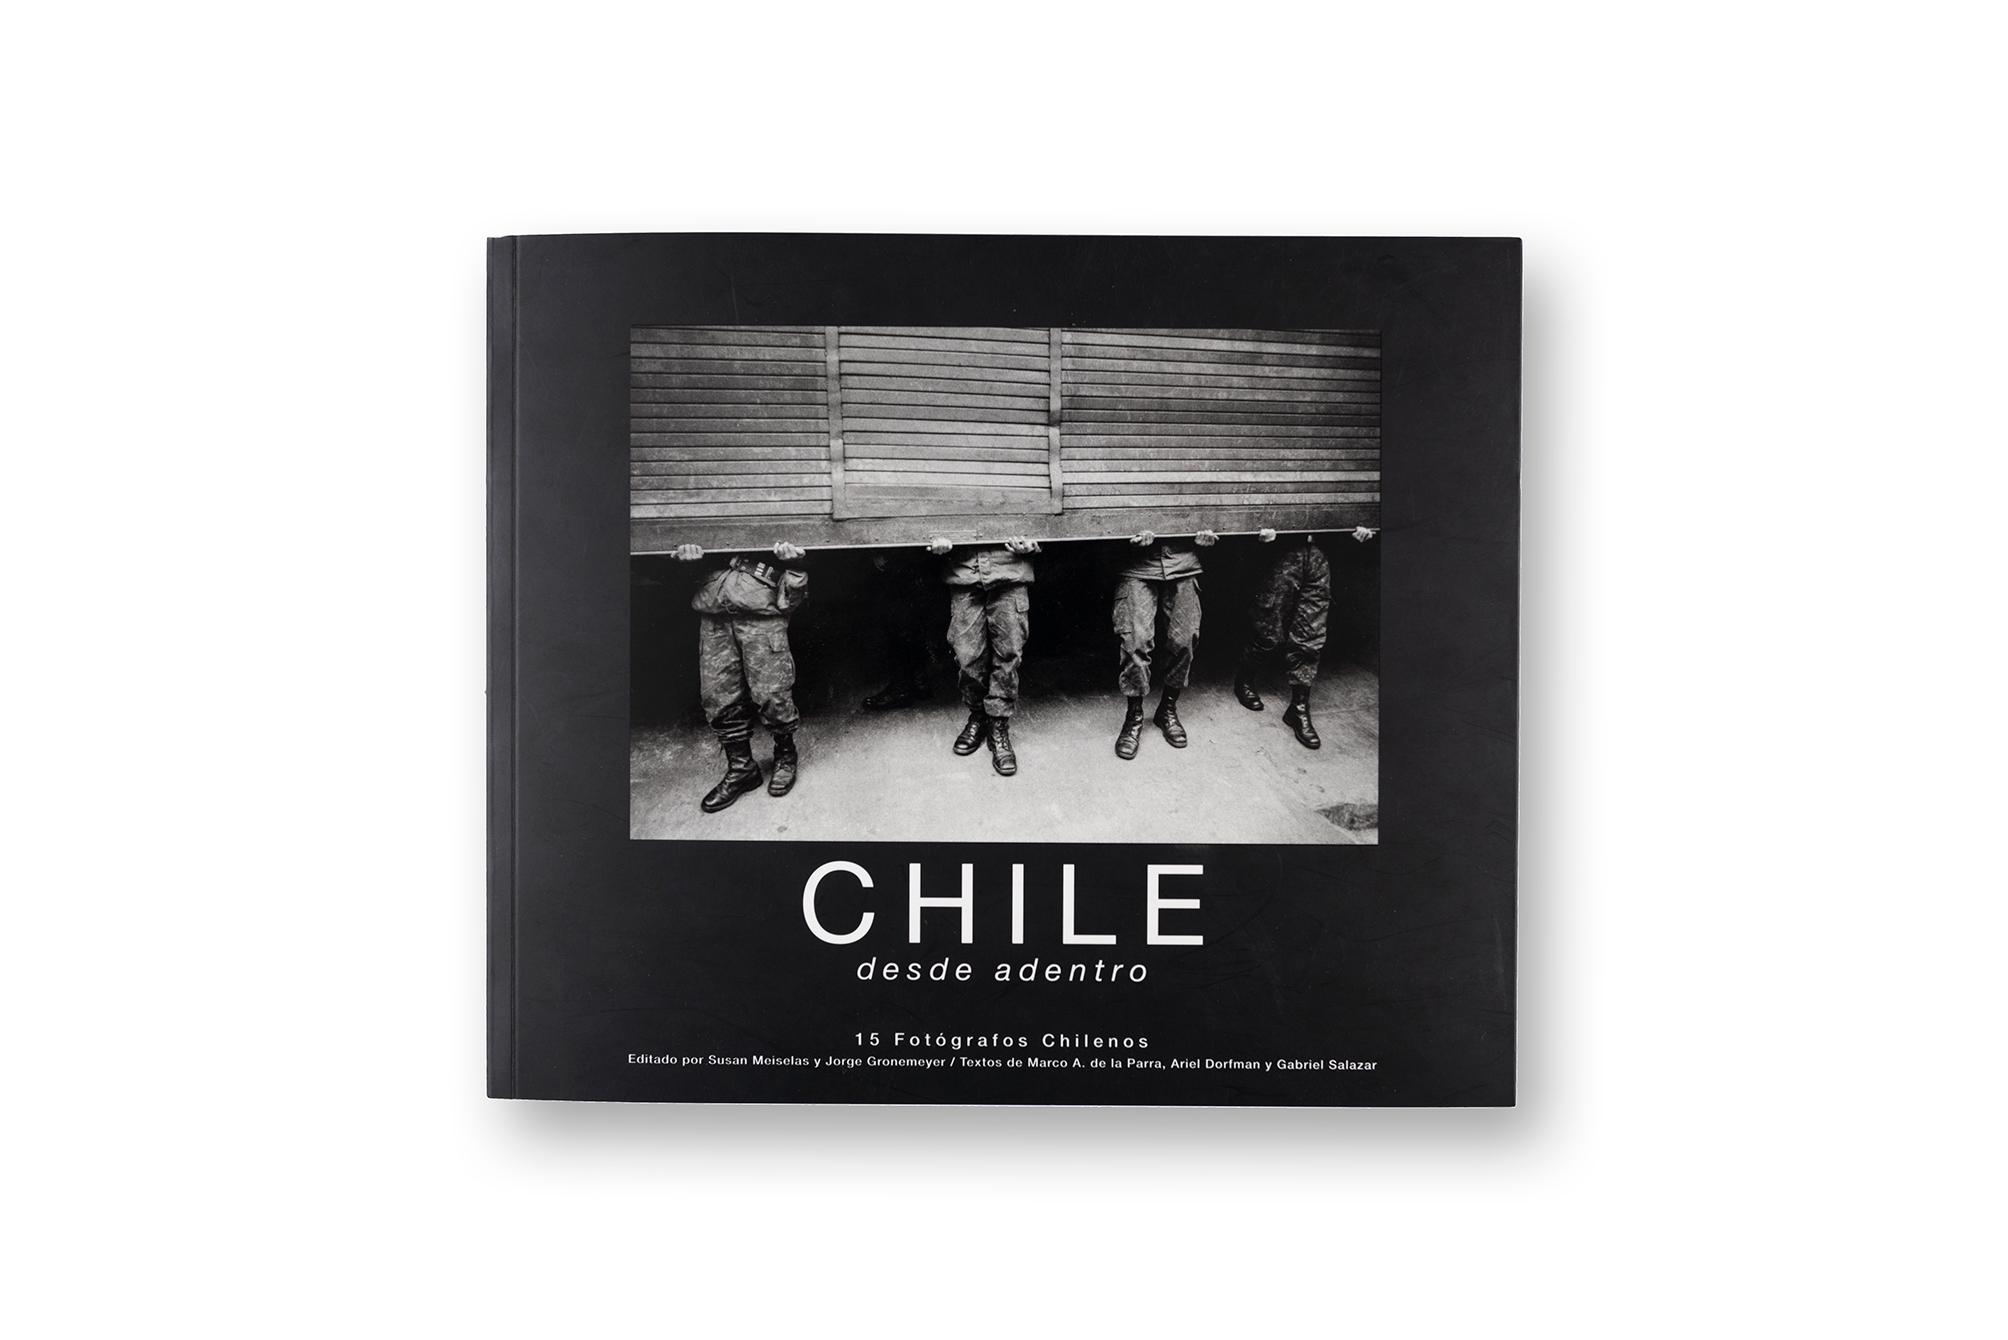 Chile desde adentro (2015) - Varios Autores